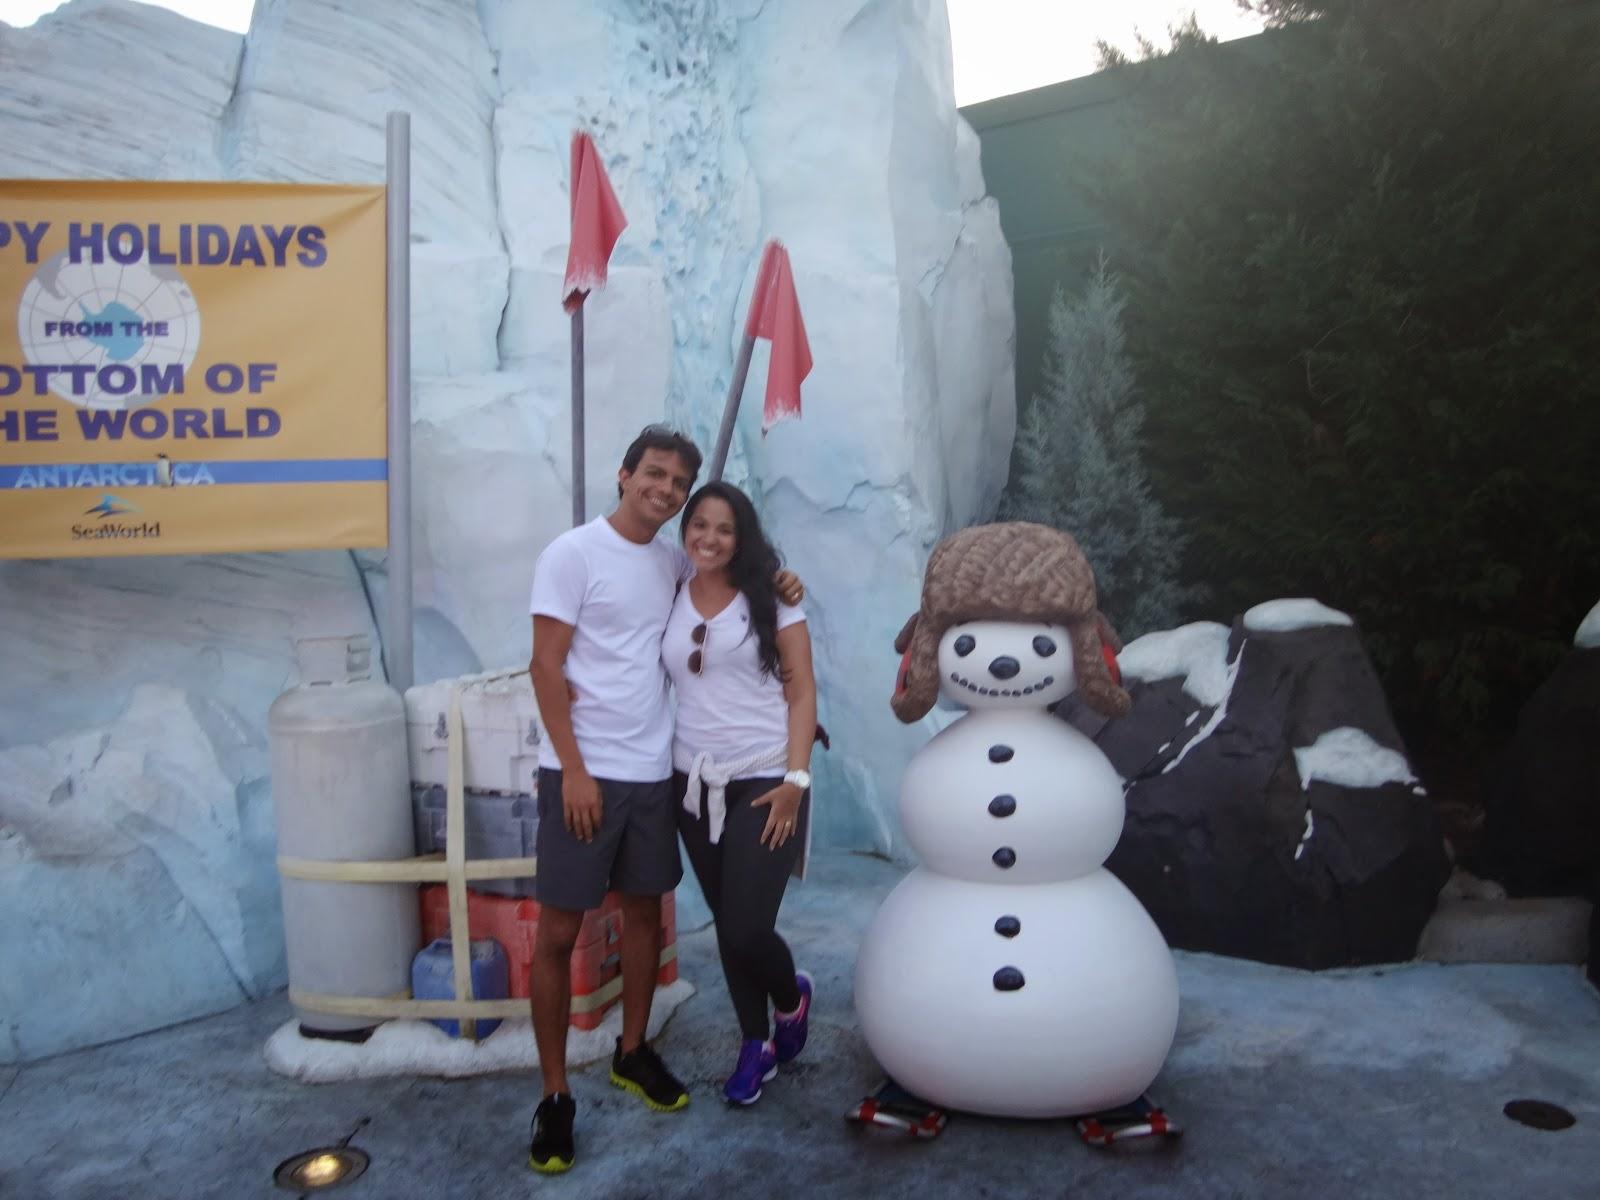 the polar express - parque sea world - orlando, florida